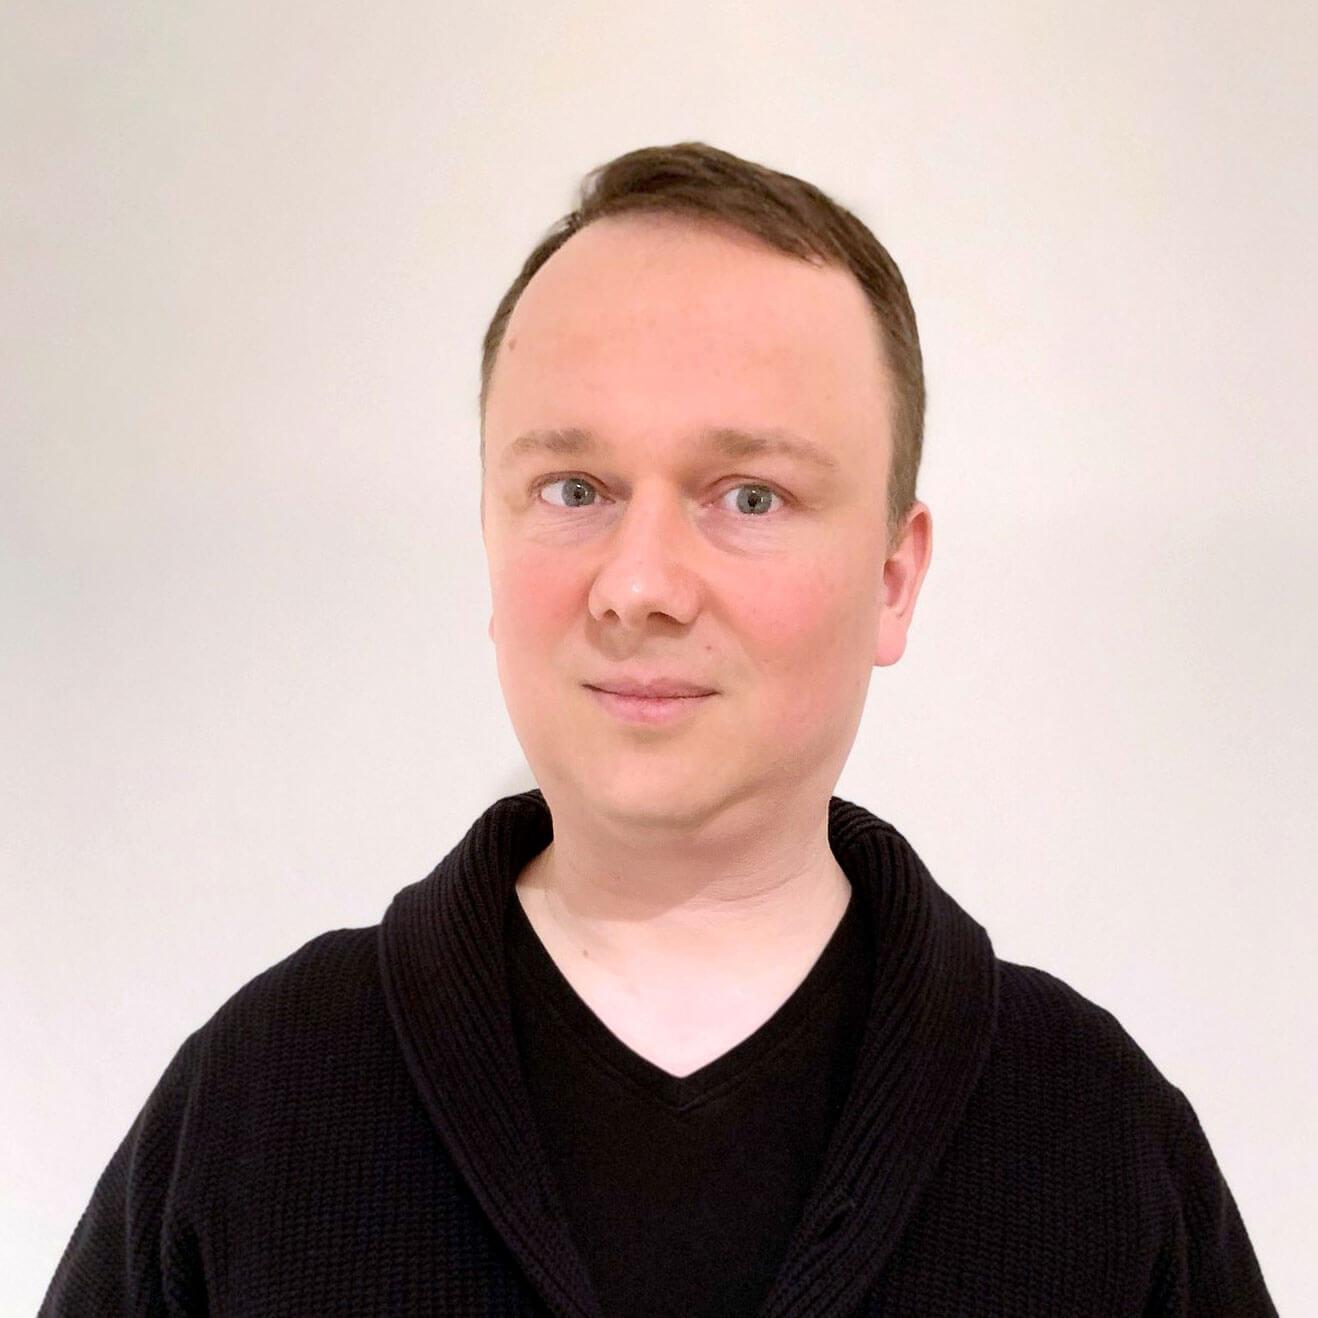 Ansprechpartner Christian Völker